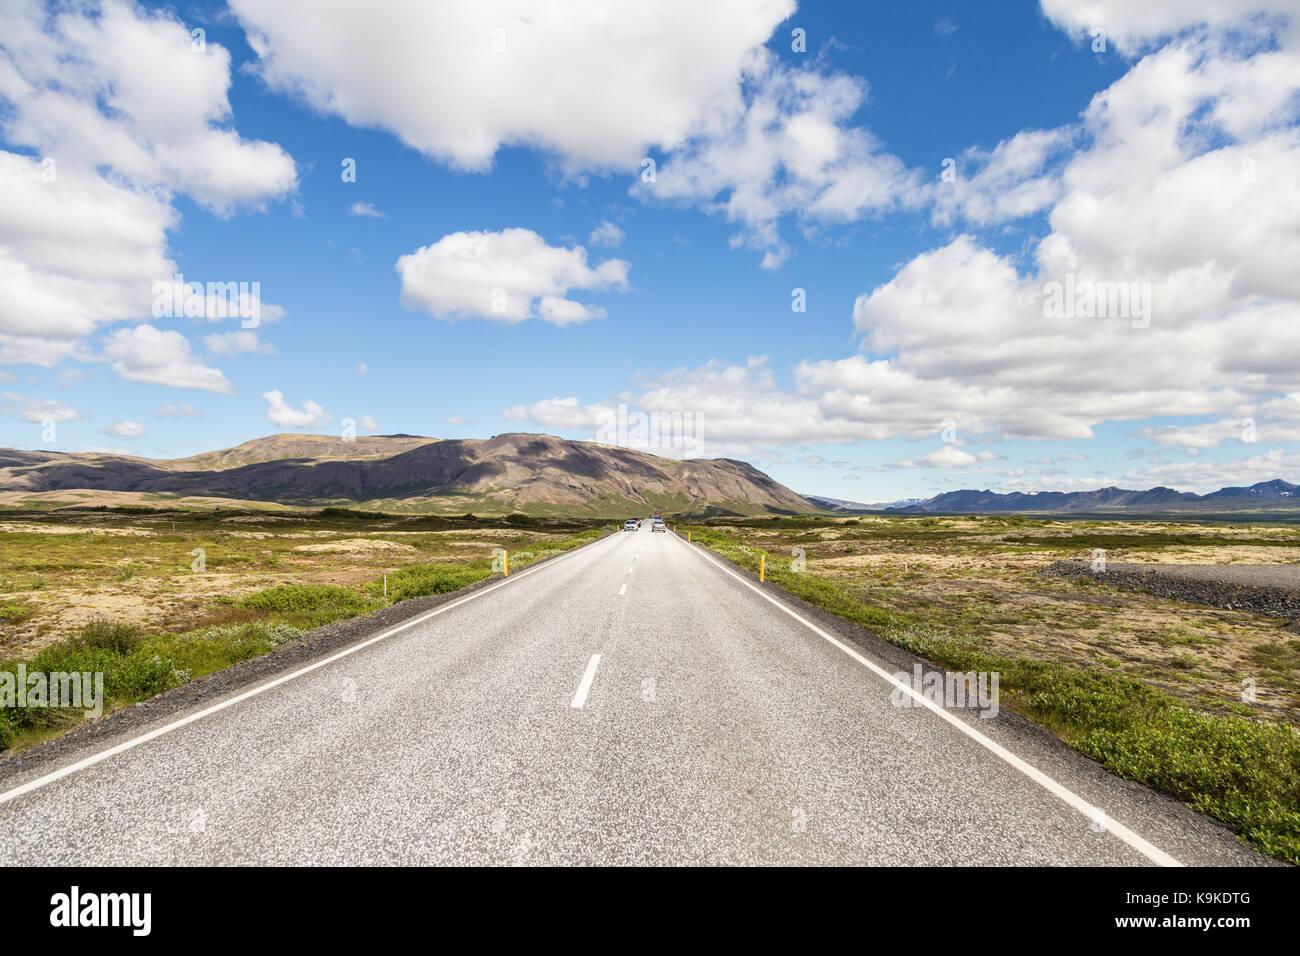 En la carretera en Islandia a lo largo del círculo dorado que abarquen diversas atracciones naturales en un viaje Foto de stock